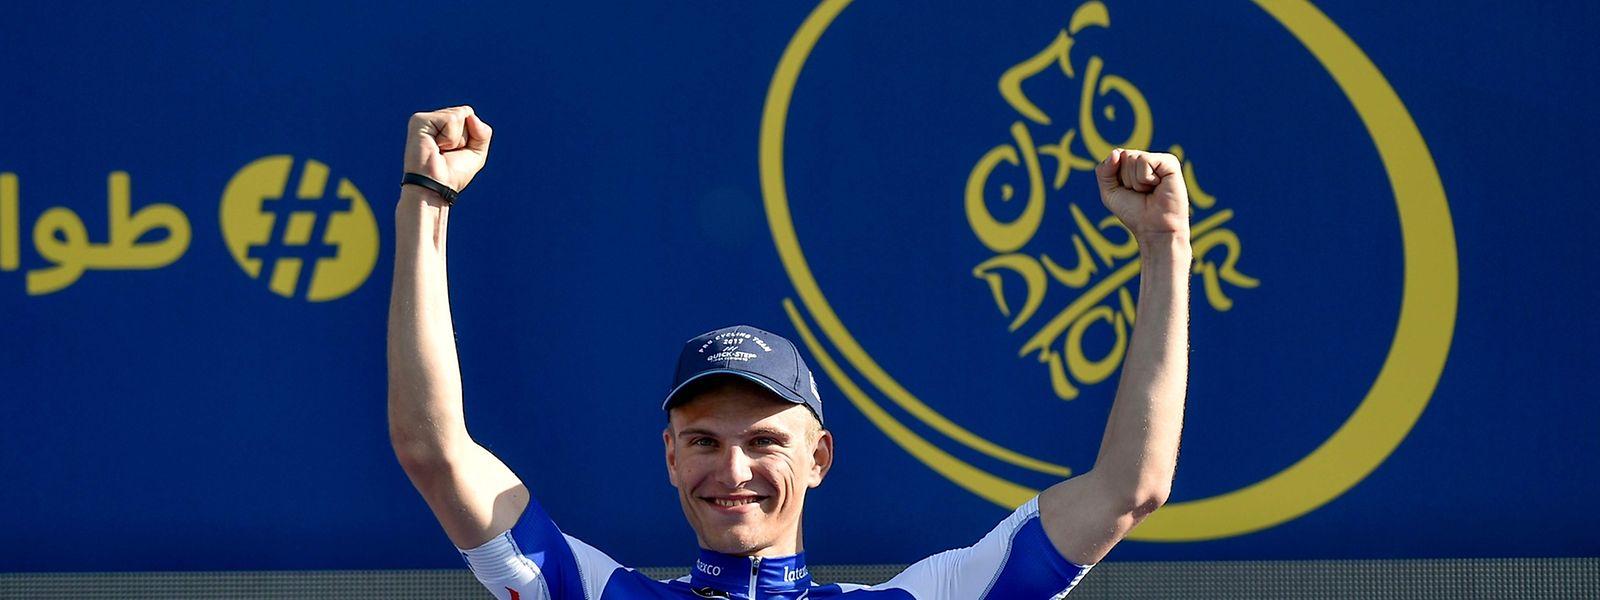 Marcel Kittel fuhr bereits seinen dritten Etappensieg ein und liegt auch in der Gesamtwertung vorne.